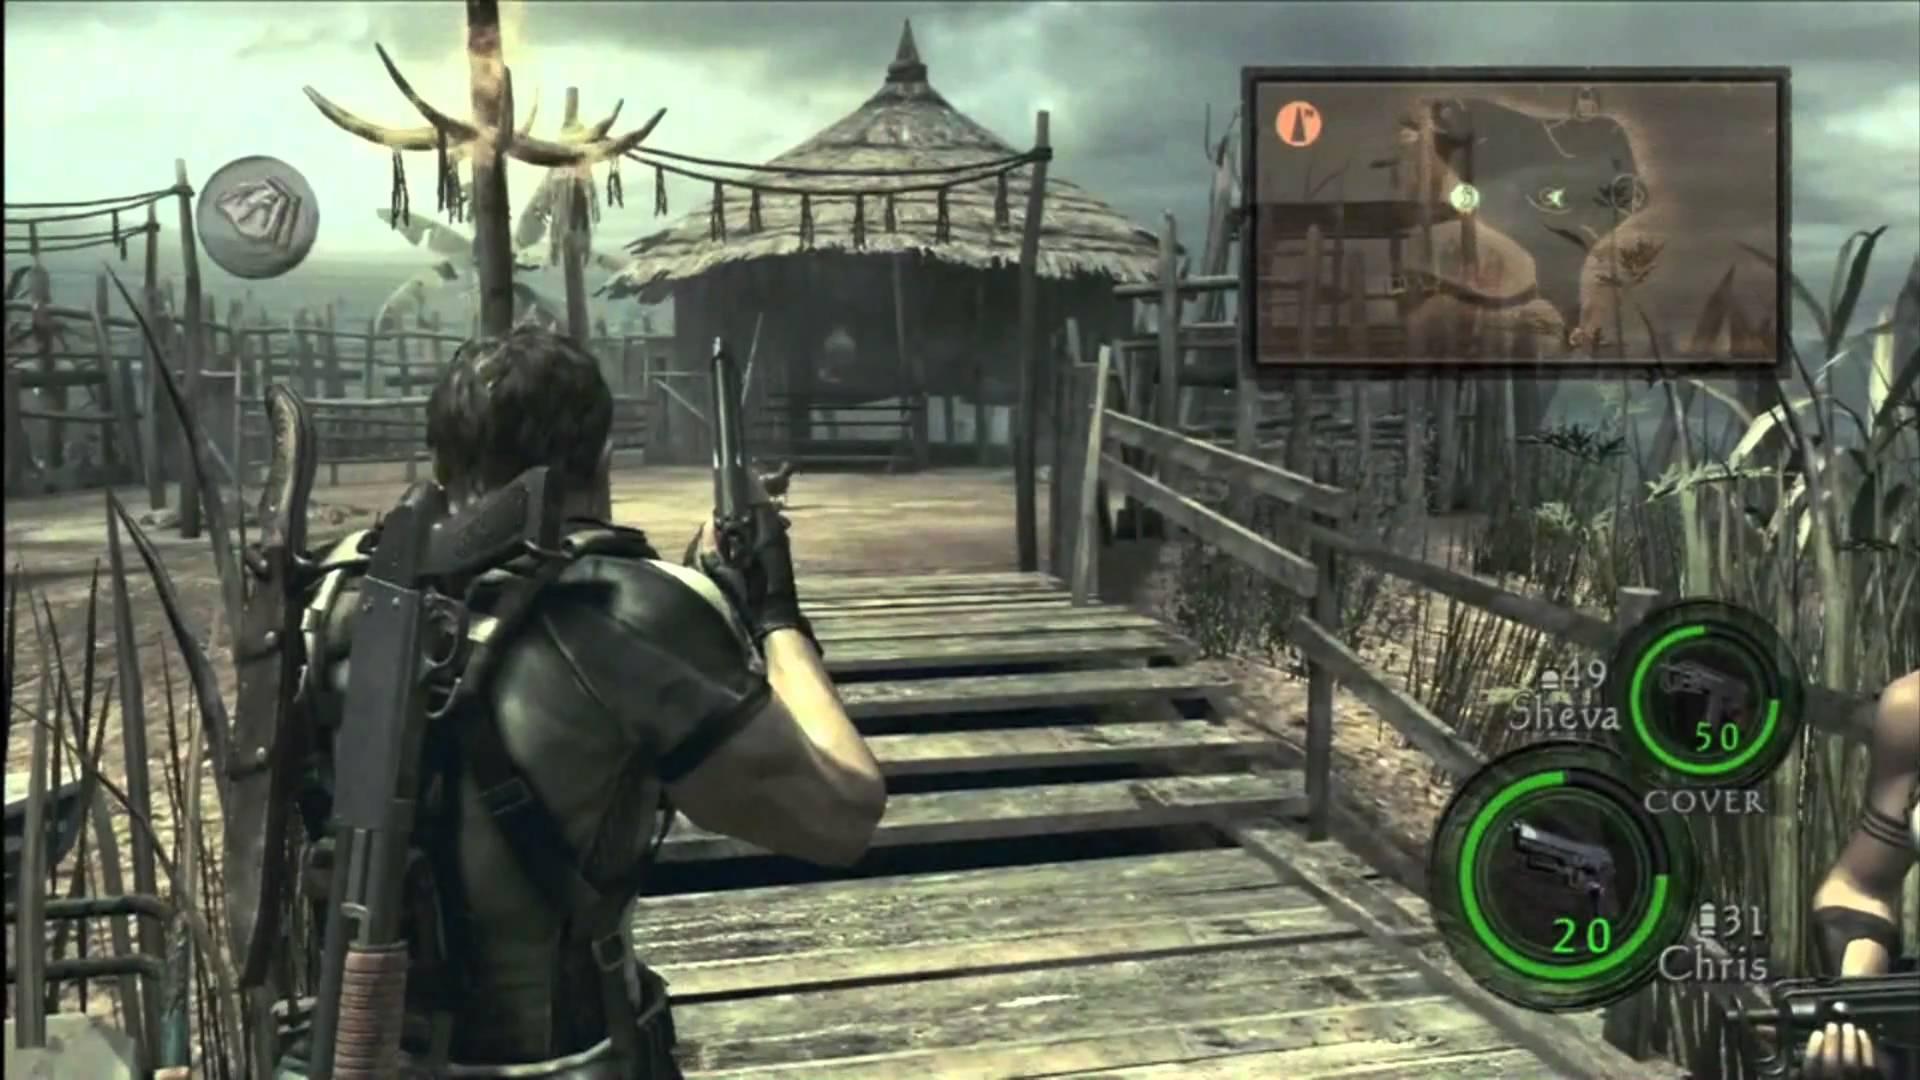 Resident Evil 5 Gameplay8 Gamecola